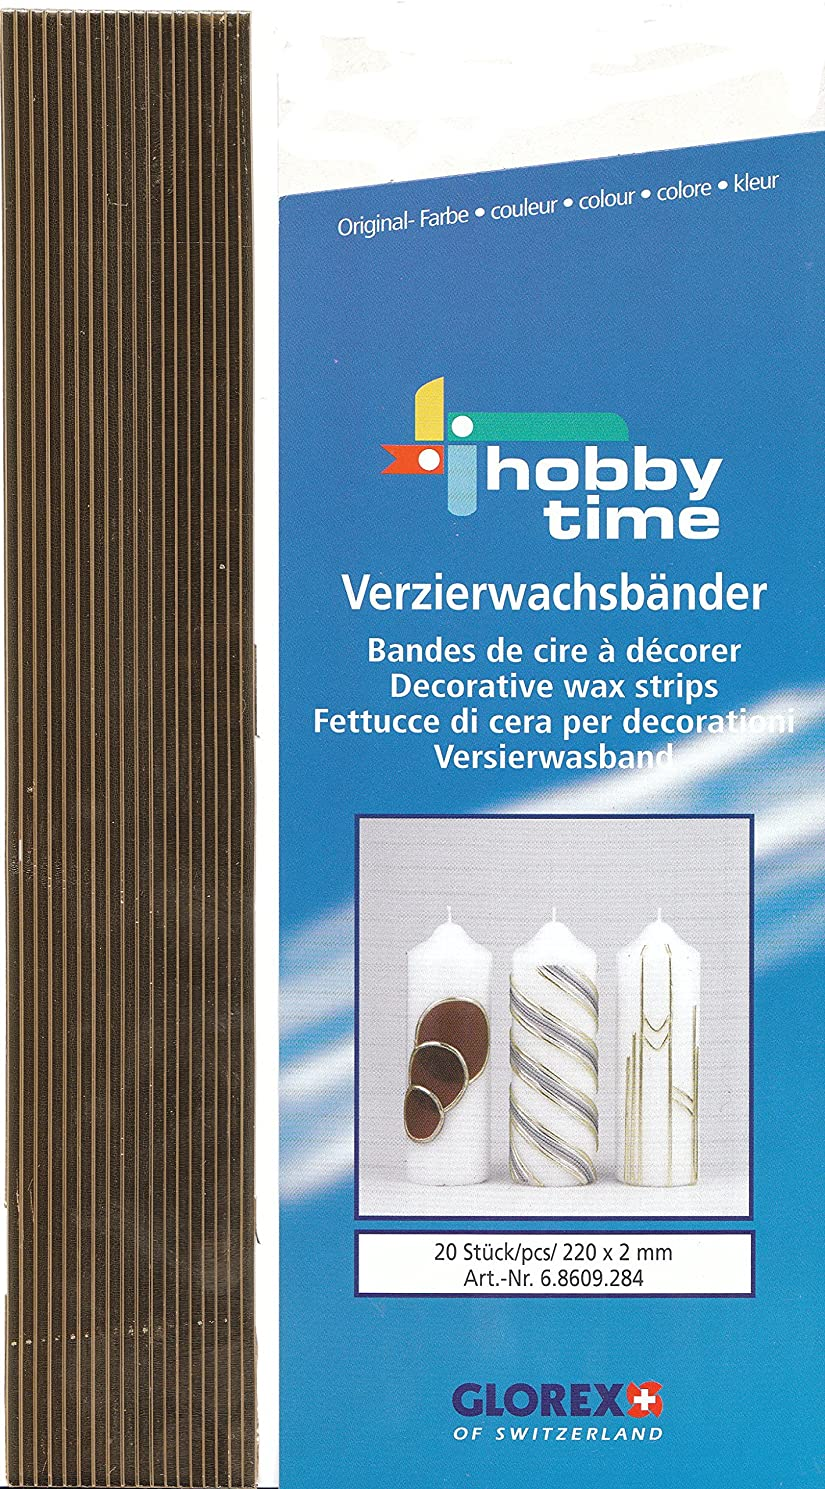 Glorex Wax Strips, Na, Gold, 28?x 5.6?x 0.2?cm